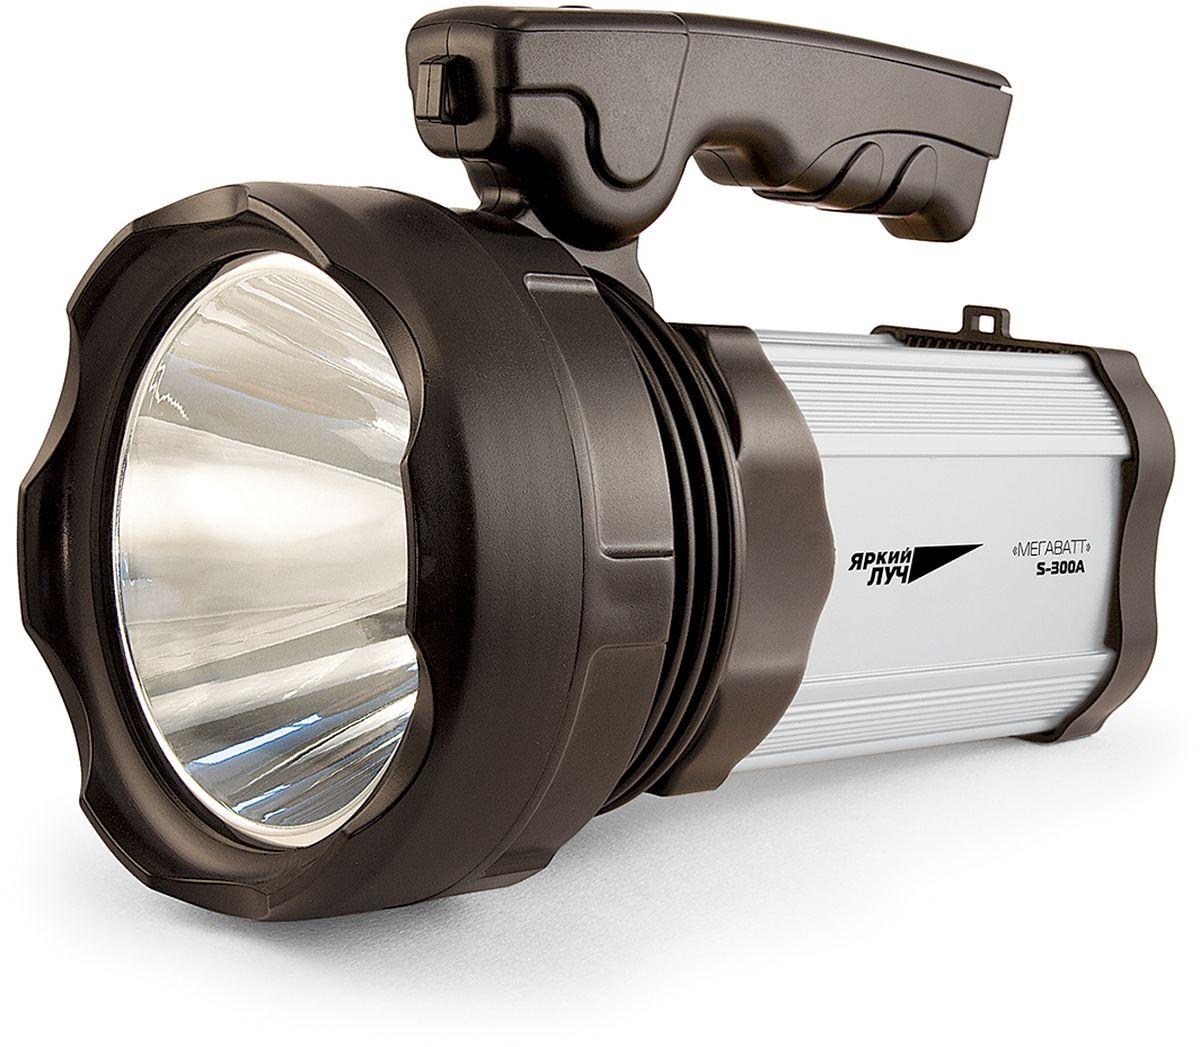 Фонарь ручной Яркий Луч S-300A. Мегаватт4606400105374Аккумуляторный светодиодный ФОНАРЬ Яркий Луч S-300A МЕГАВАТТ. ? Светодиод CREE XM-L мощностью 10 Ватт 300 лм обеспечивает направленный свет дальностью до 418 метров ? Два ярких СОВ светодиода суммарной мощностью 10 Ватт 450 лм на боковой поверхности для заливного света ? 3 режима работы CREE XM-L светодиода: 100%, 25% и мигающий ? 2 режима работы СОВ светодиодов: 100% и 25% ? Возможность USB-подзарядки телефонов, планшетов и пр. от аккумулятора фонаря ? Штатное зарядное устройство с индикатором заряда ? Удобная эргономичная ручка ? Продолжительная работа на кислотно-свинцовом аккумуляторе 4 В 7000 мАч (5 часов в режиме 100%) ? Материал корпуса: ABS-пластик и алюминий Светодиод CREE XM-L 10 Ватт 300 люмен. Аккумулятор: встроенный кислотно-свинцовый 4 В 7000 мАч. Три режима работы CREE XM-L светодиода: 100% (5 ч работы), 25% (20 ч работы) и мигающий. Два режима работы CОВ светодиодов: 100% (4.5 ч работы) и 25% (18 ч работы). В...